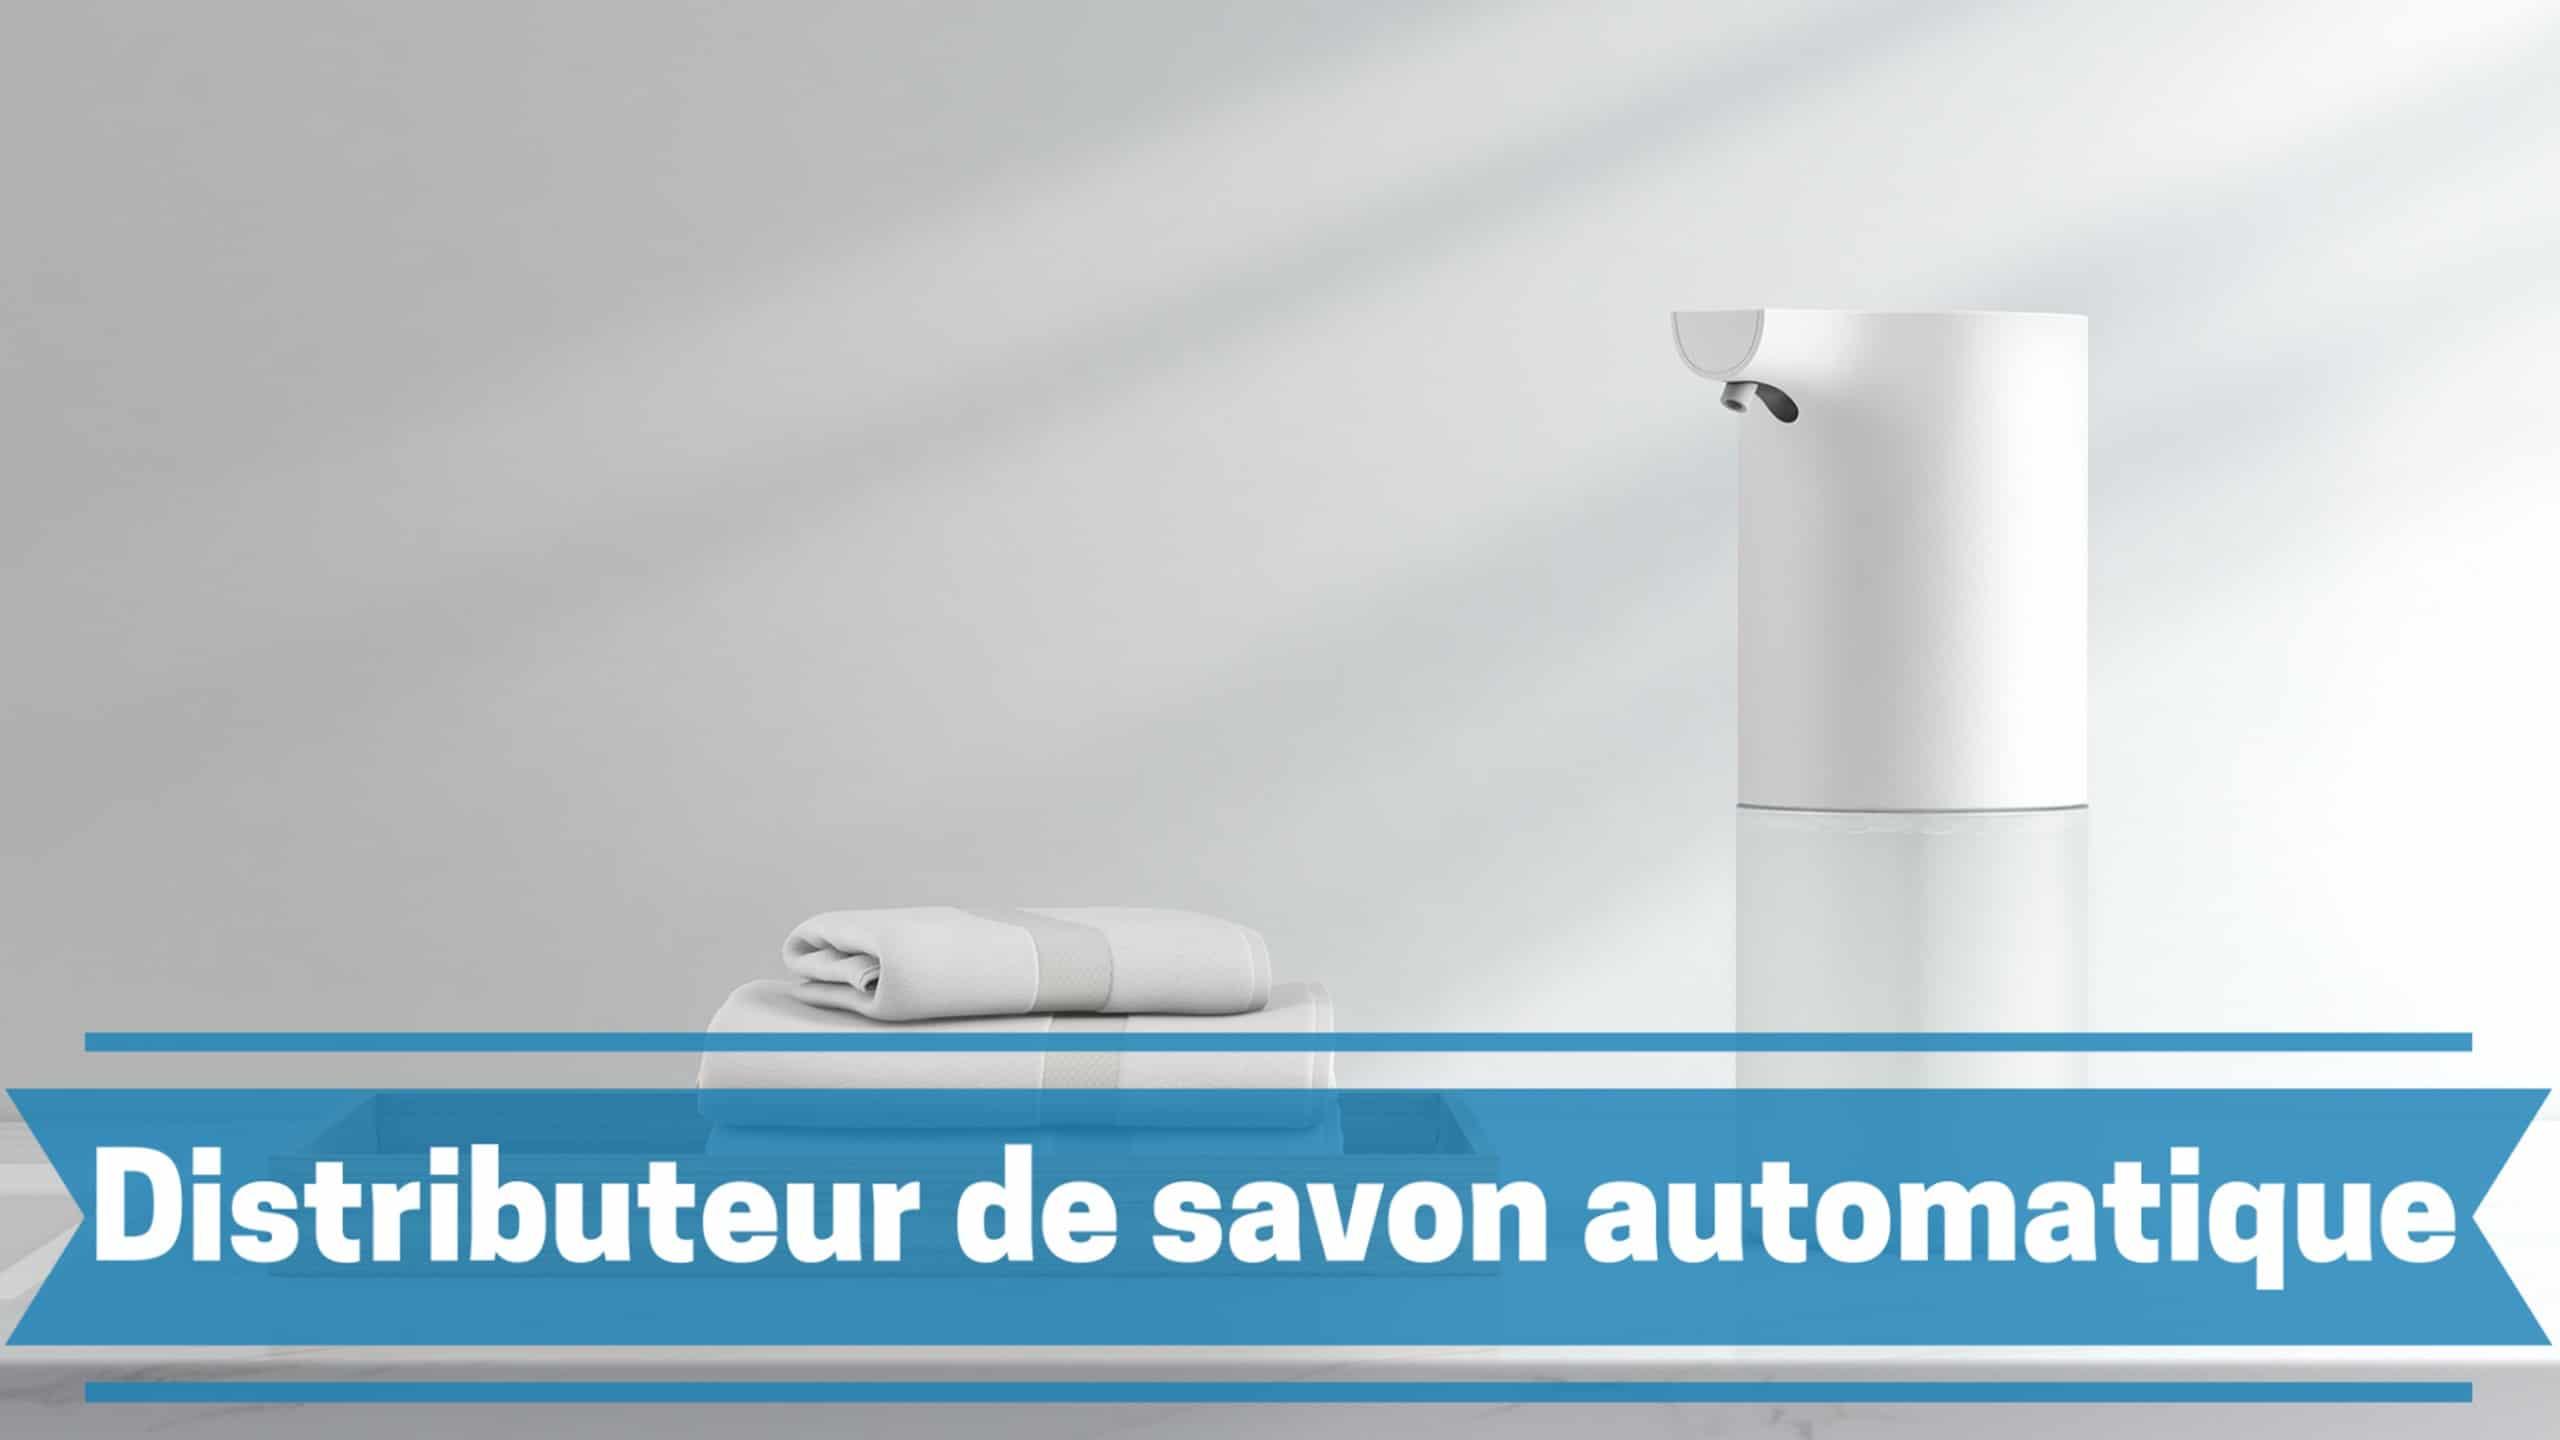 Meilleur distributeur de savon automatique comparatif guide achat avis